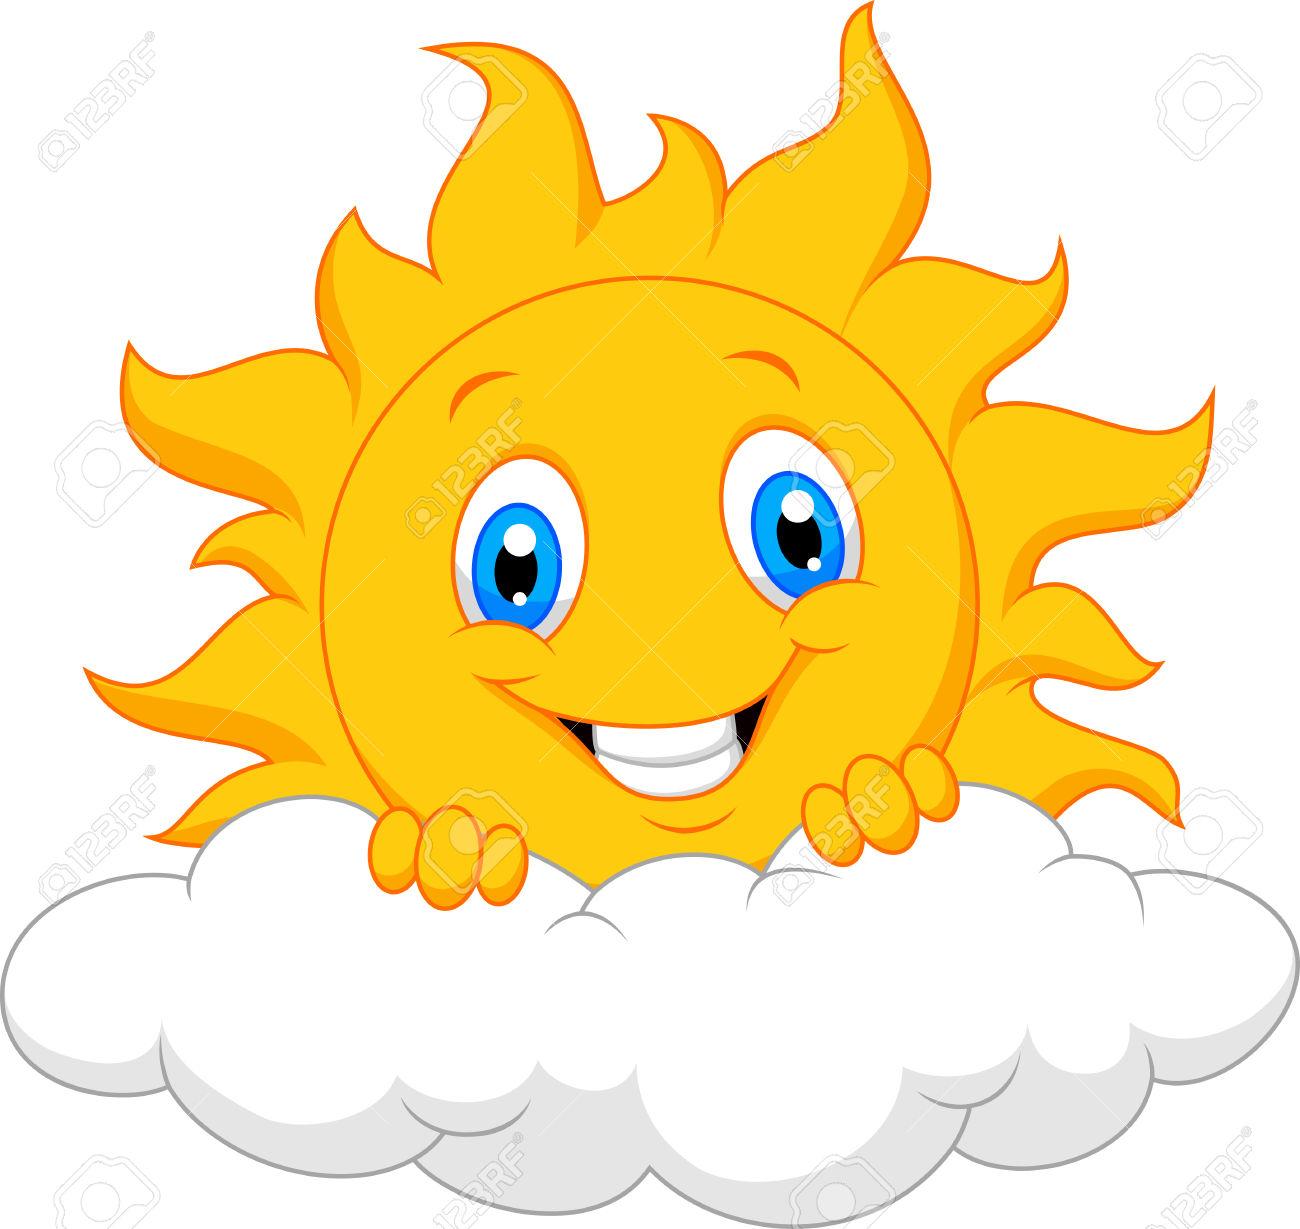 Bonitas imágenes del sol en caricatura para descargar